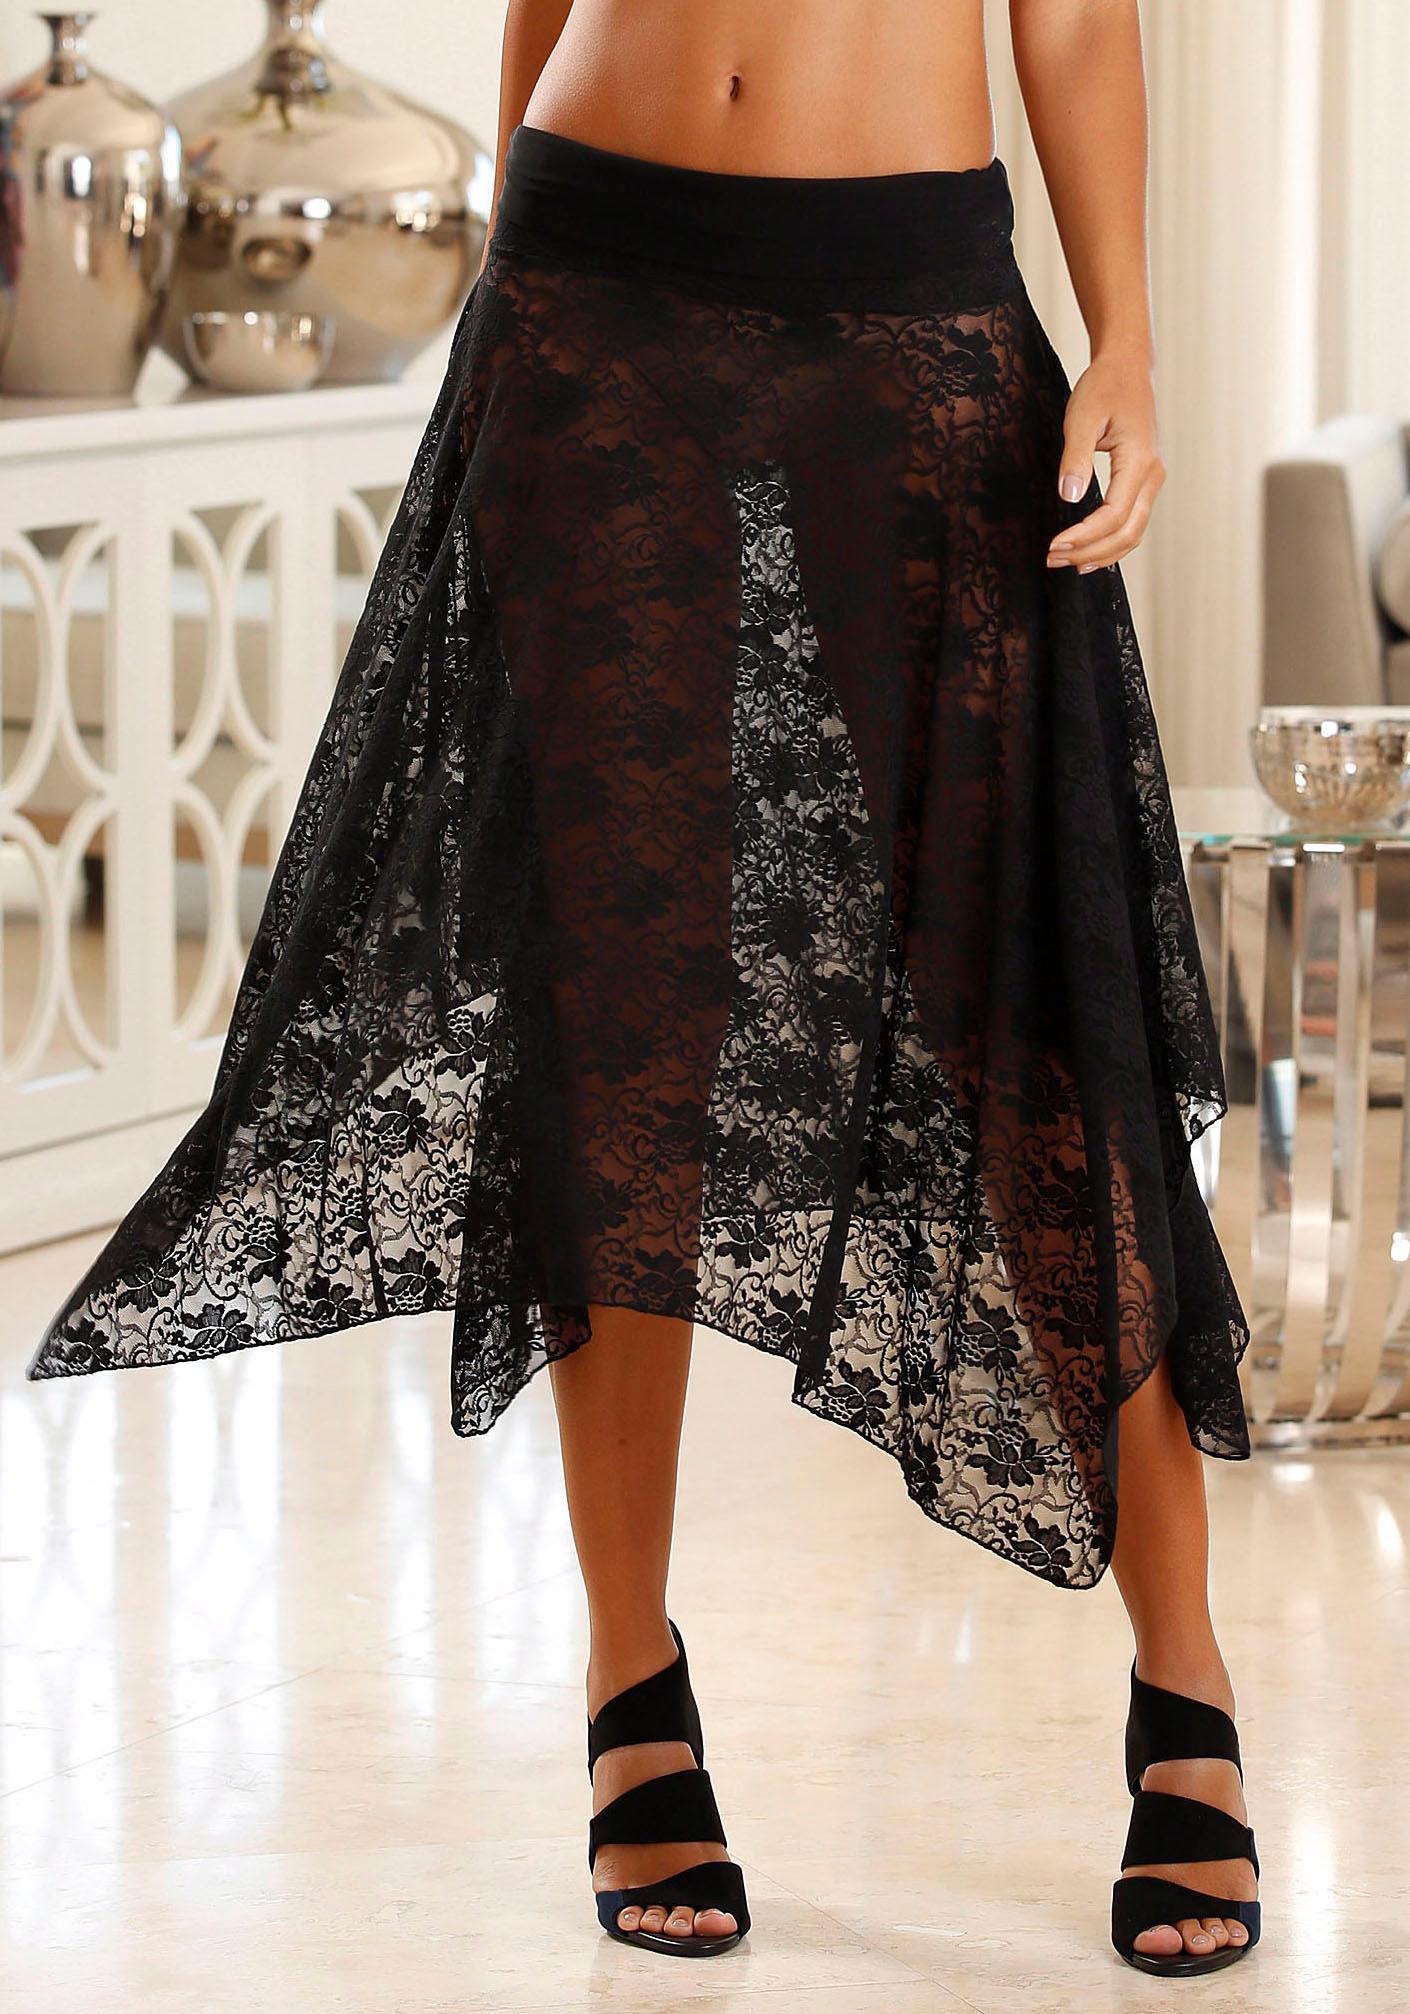 LASCANA Multiway-Rock / - Kleid aus transparenter Spitze mit 3 Tragevarianten